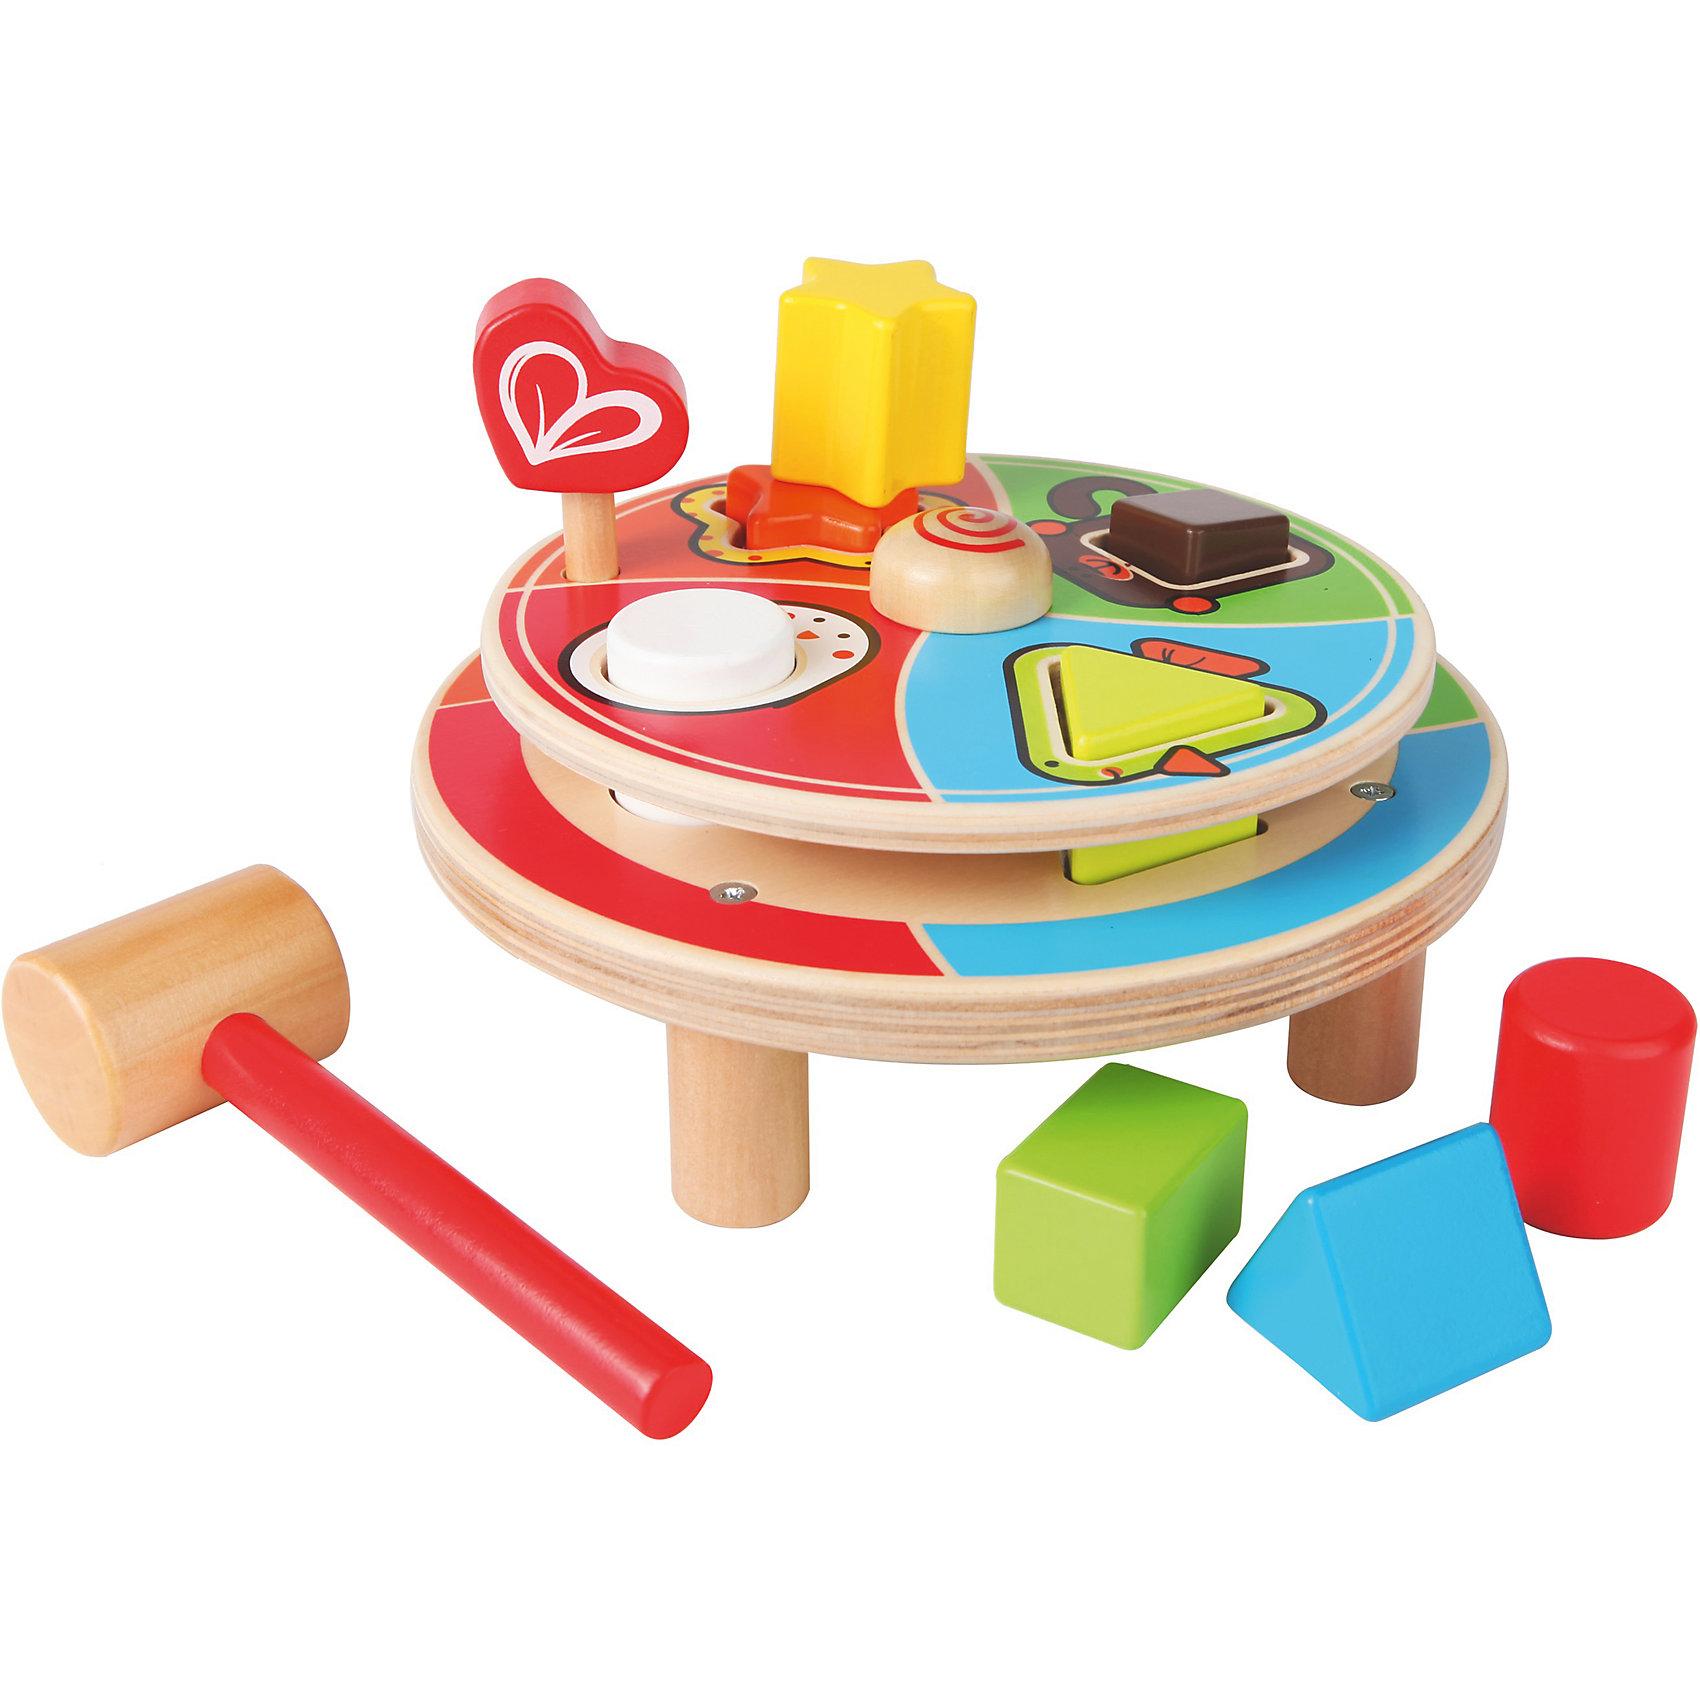 Деревянная игрушка сортер Животные, HapeДеревянные игрушки<br>Деревянный сортер Животные состоит из ярких строительных блоков, которые надолго привлекут внимание ребенка. Нужно повернуть круг и стукнуть молоточком по предмету. Для каждой фигурки предусмотрено отверстие, с изображением животного.<br><br>Дополнительная информация:<br><br>- Возраст: от 18 месяцев до 3 лет<br>- В комплекте: сортер с 2 платформами, 8 фигурок, молоточек<br>- Материал: дерево, пластик<br>- Размер упаковки: 21х13х24 см<br>- Вес: 1 кг<br><br>Деревянную игрушку сортер Животные, Hape можно купить в нашем интернет-магазине.<br><br>Ширина мм: 240<br>Глубина мм: 130<br>Высота мм: 210<br>Вес г: 800<br>Возраст от месяцев: 18<br>Возраст до месяцев: 36<br>Пол: Унисекс<br>Возраст: Детский<br>SKU: 4779532